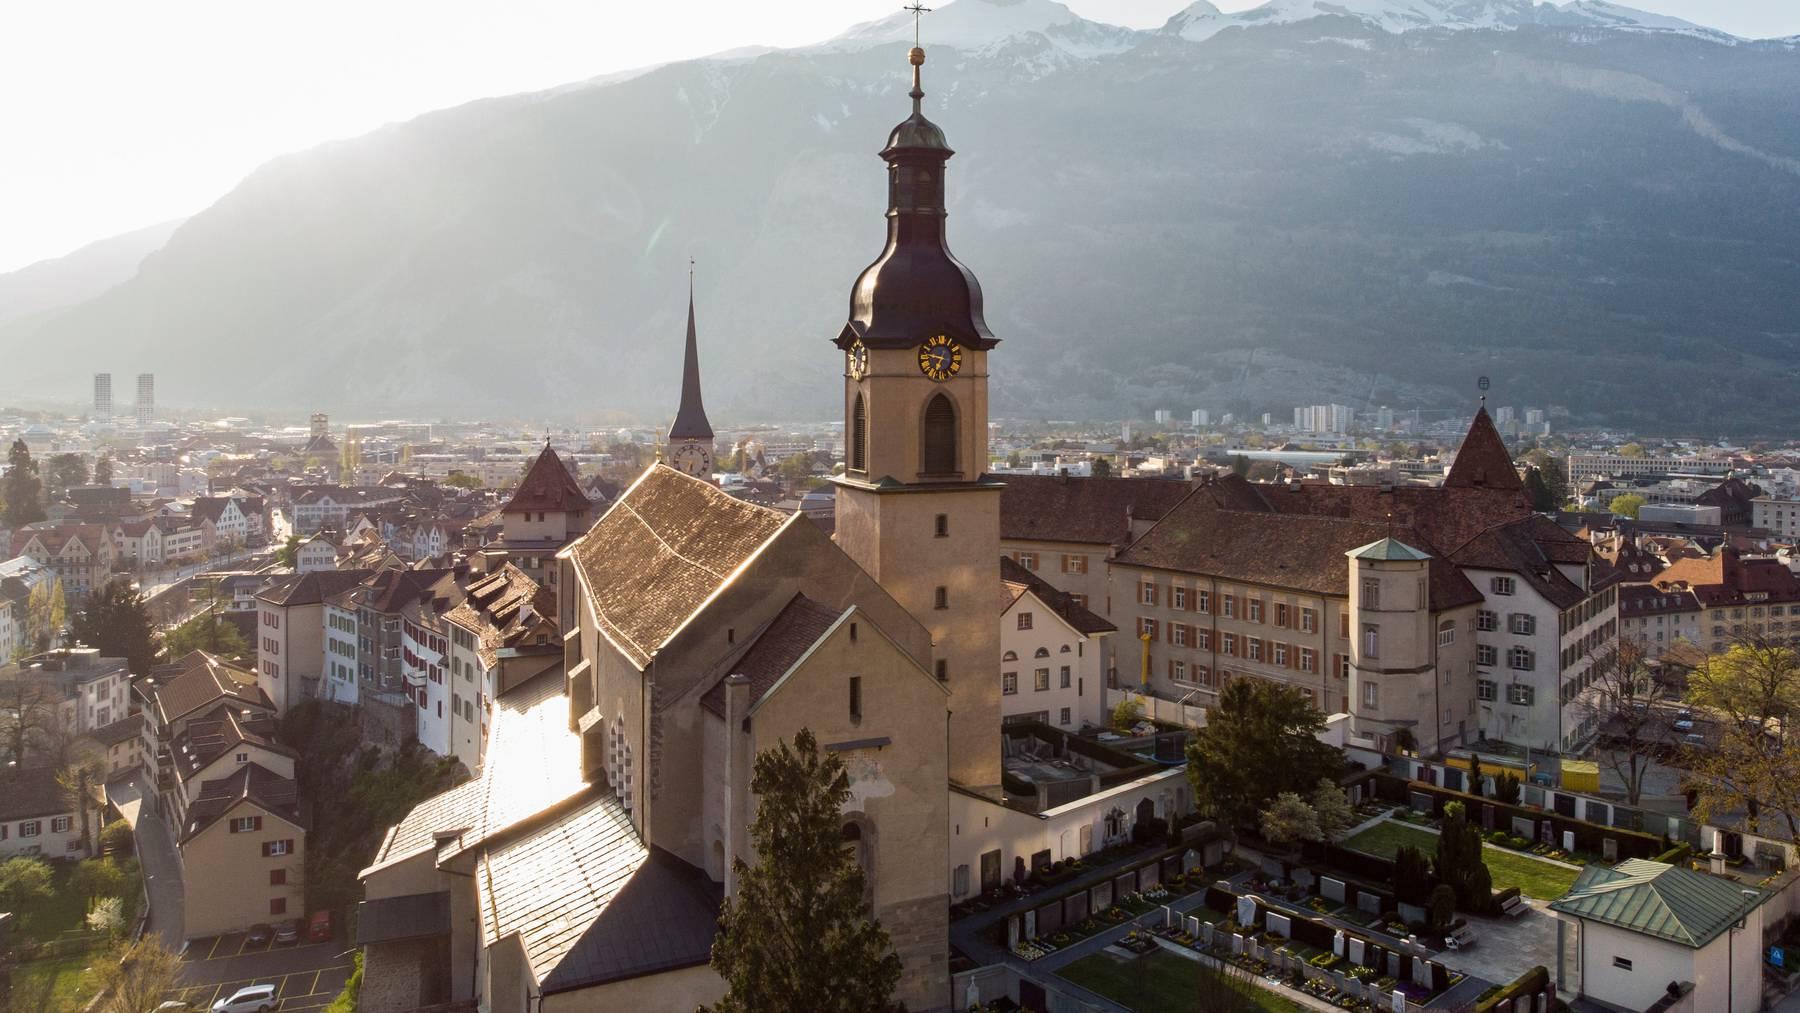 Das Domkapitel des Bistums Chur soll heute zusammentreten und einen neuen Bischof wählen. (Symbolbild)